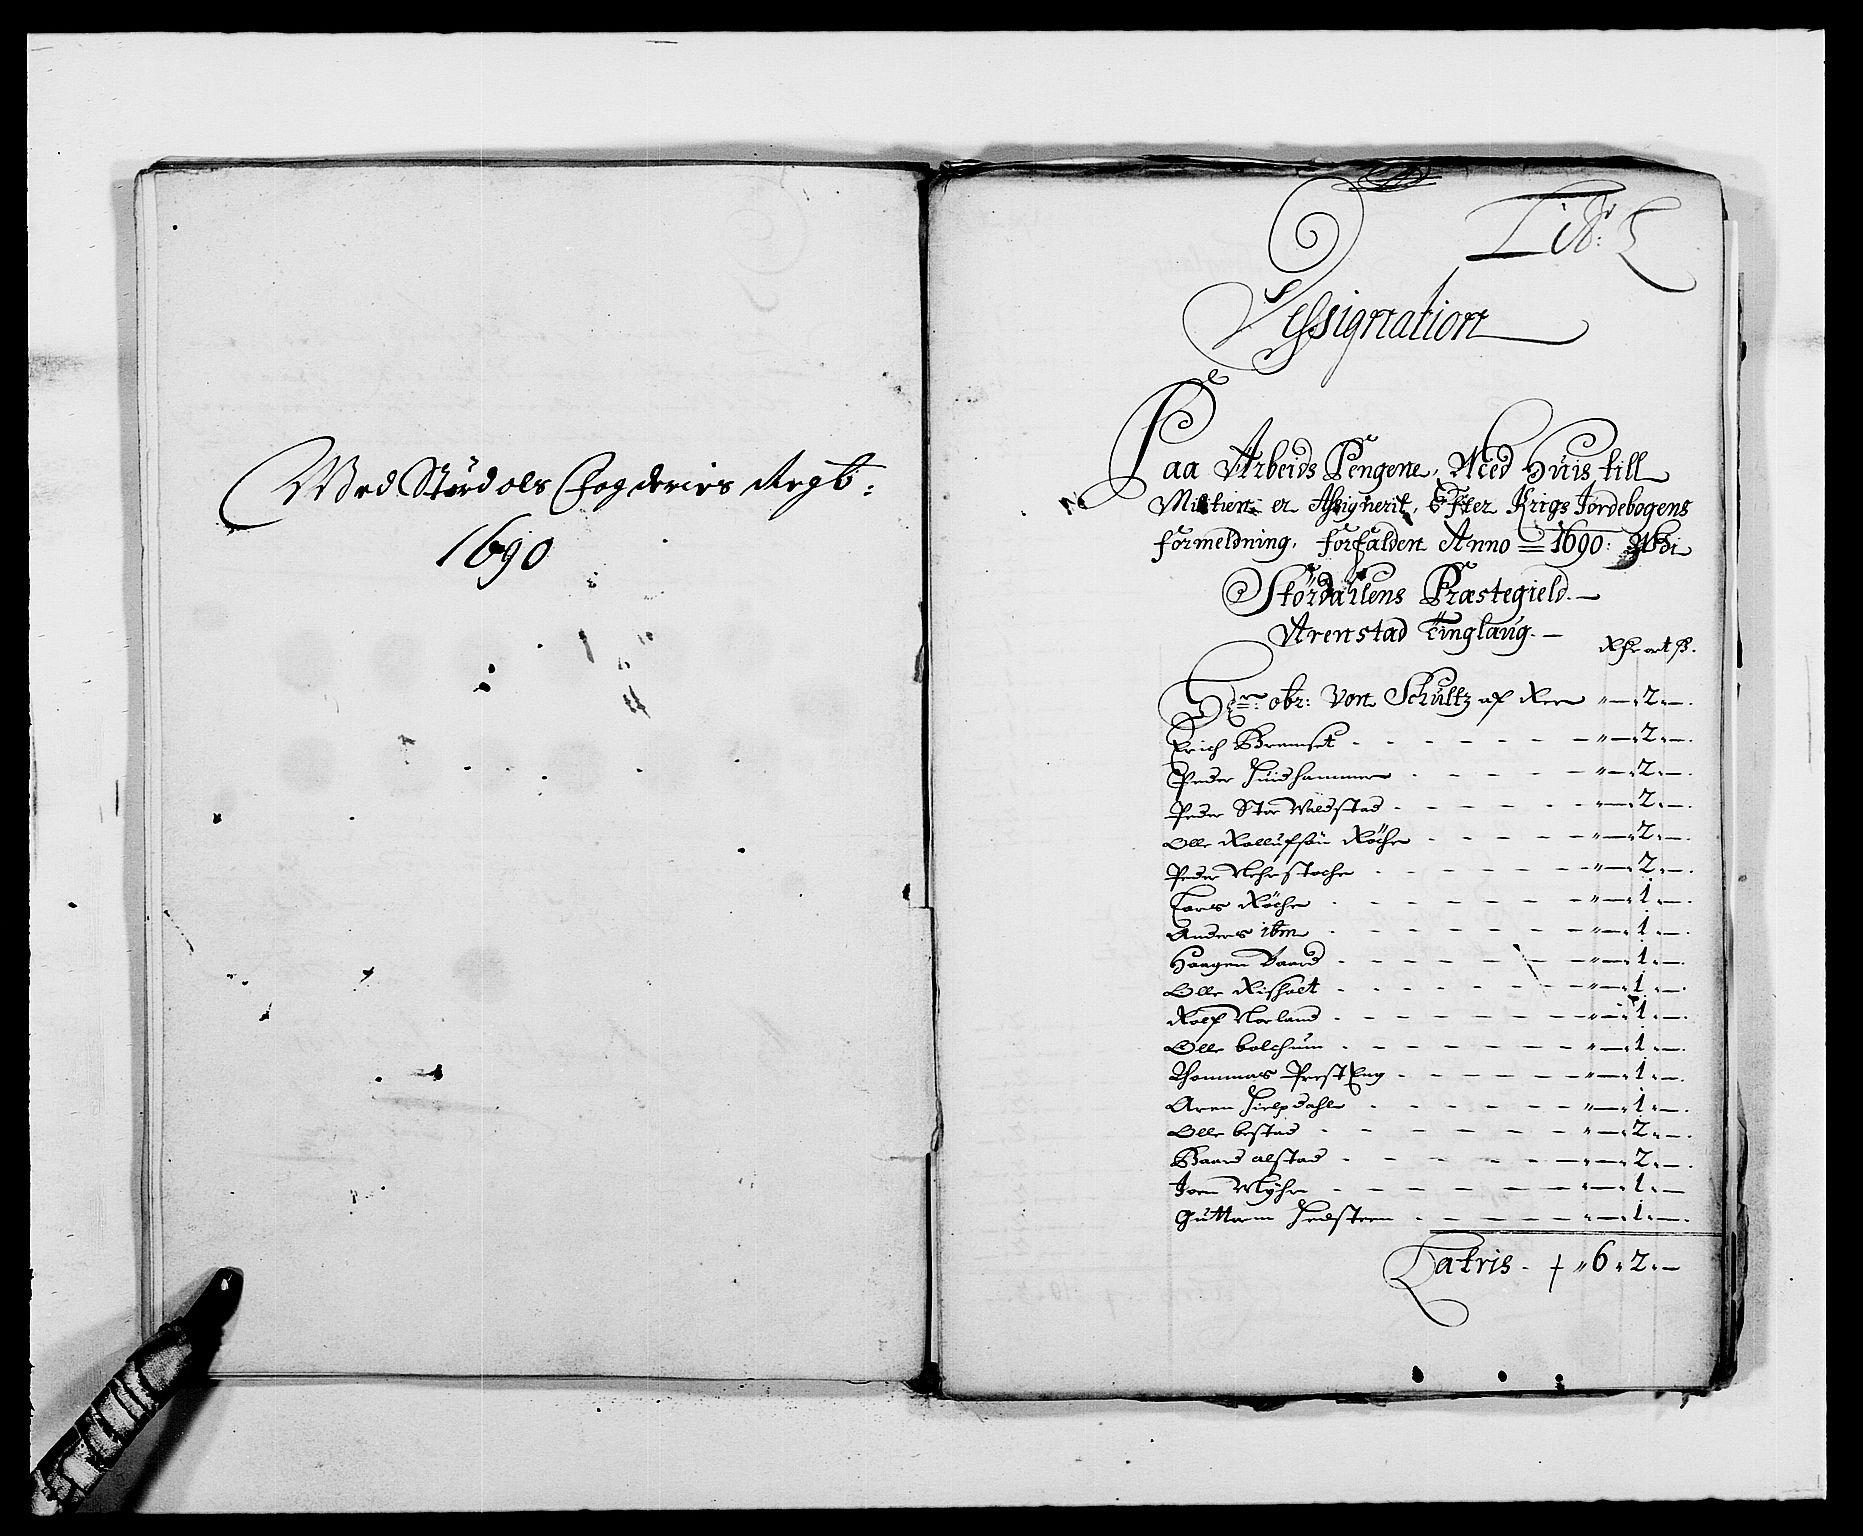 RA, Rentekammeret inntil 1814, Reviderte regnskaper, Fogderegnskap, R62/L4184: Fogderegnskap Stjørdal og Verdal, 1690-1691, s. 170